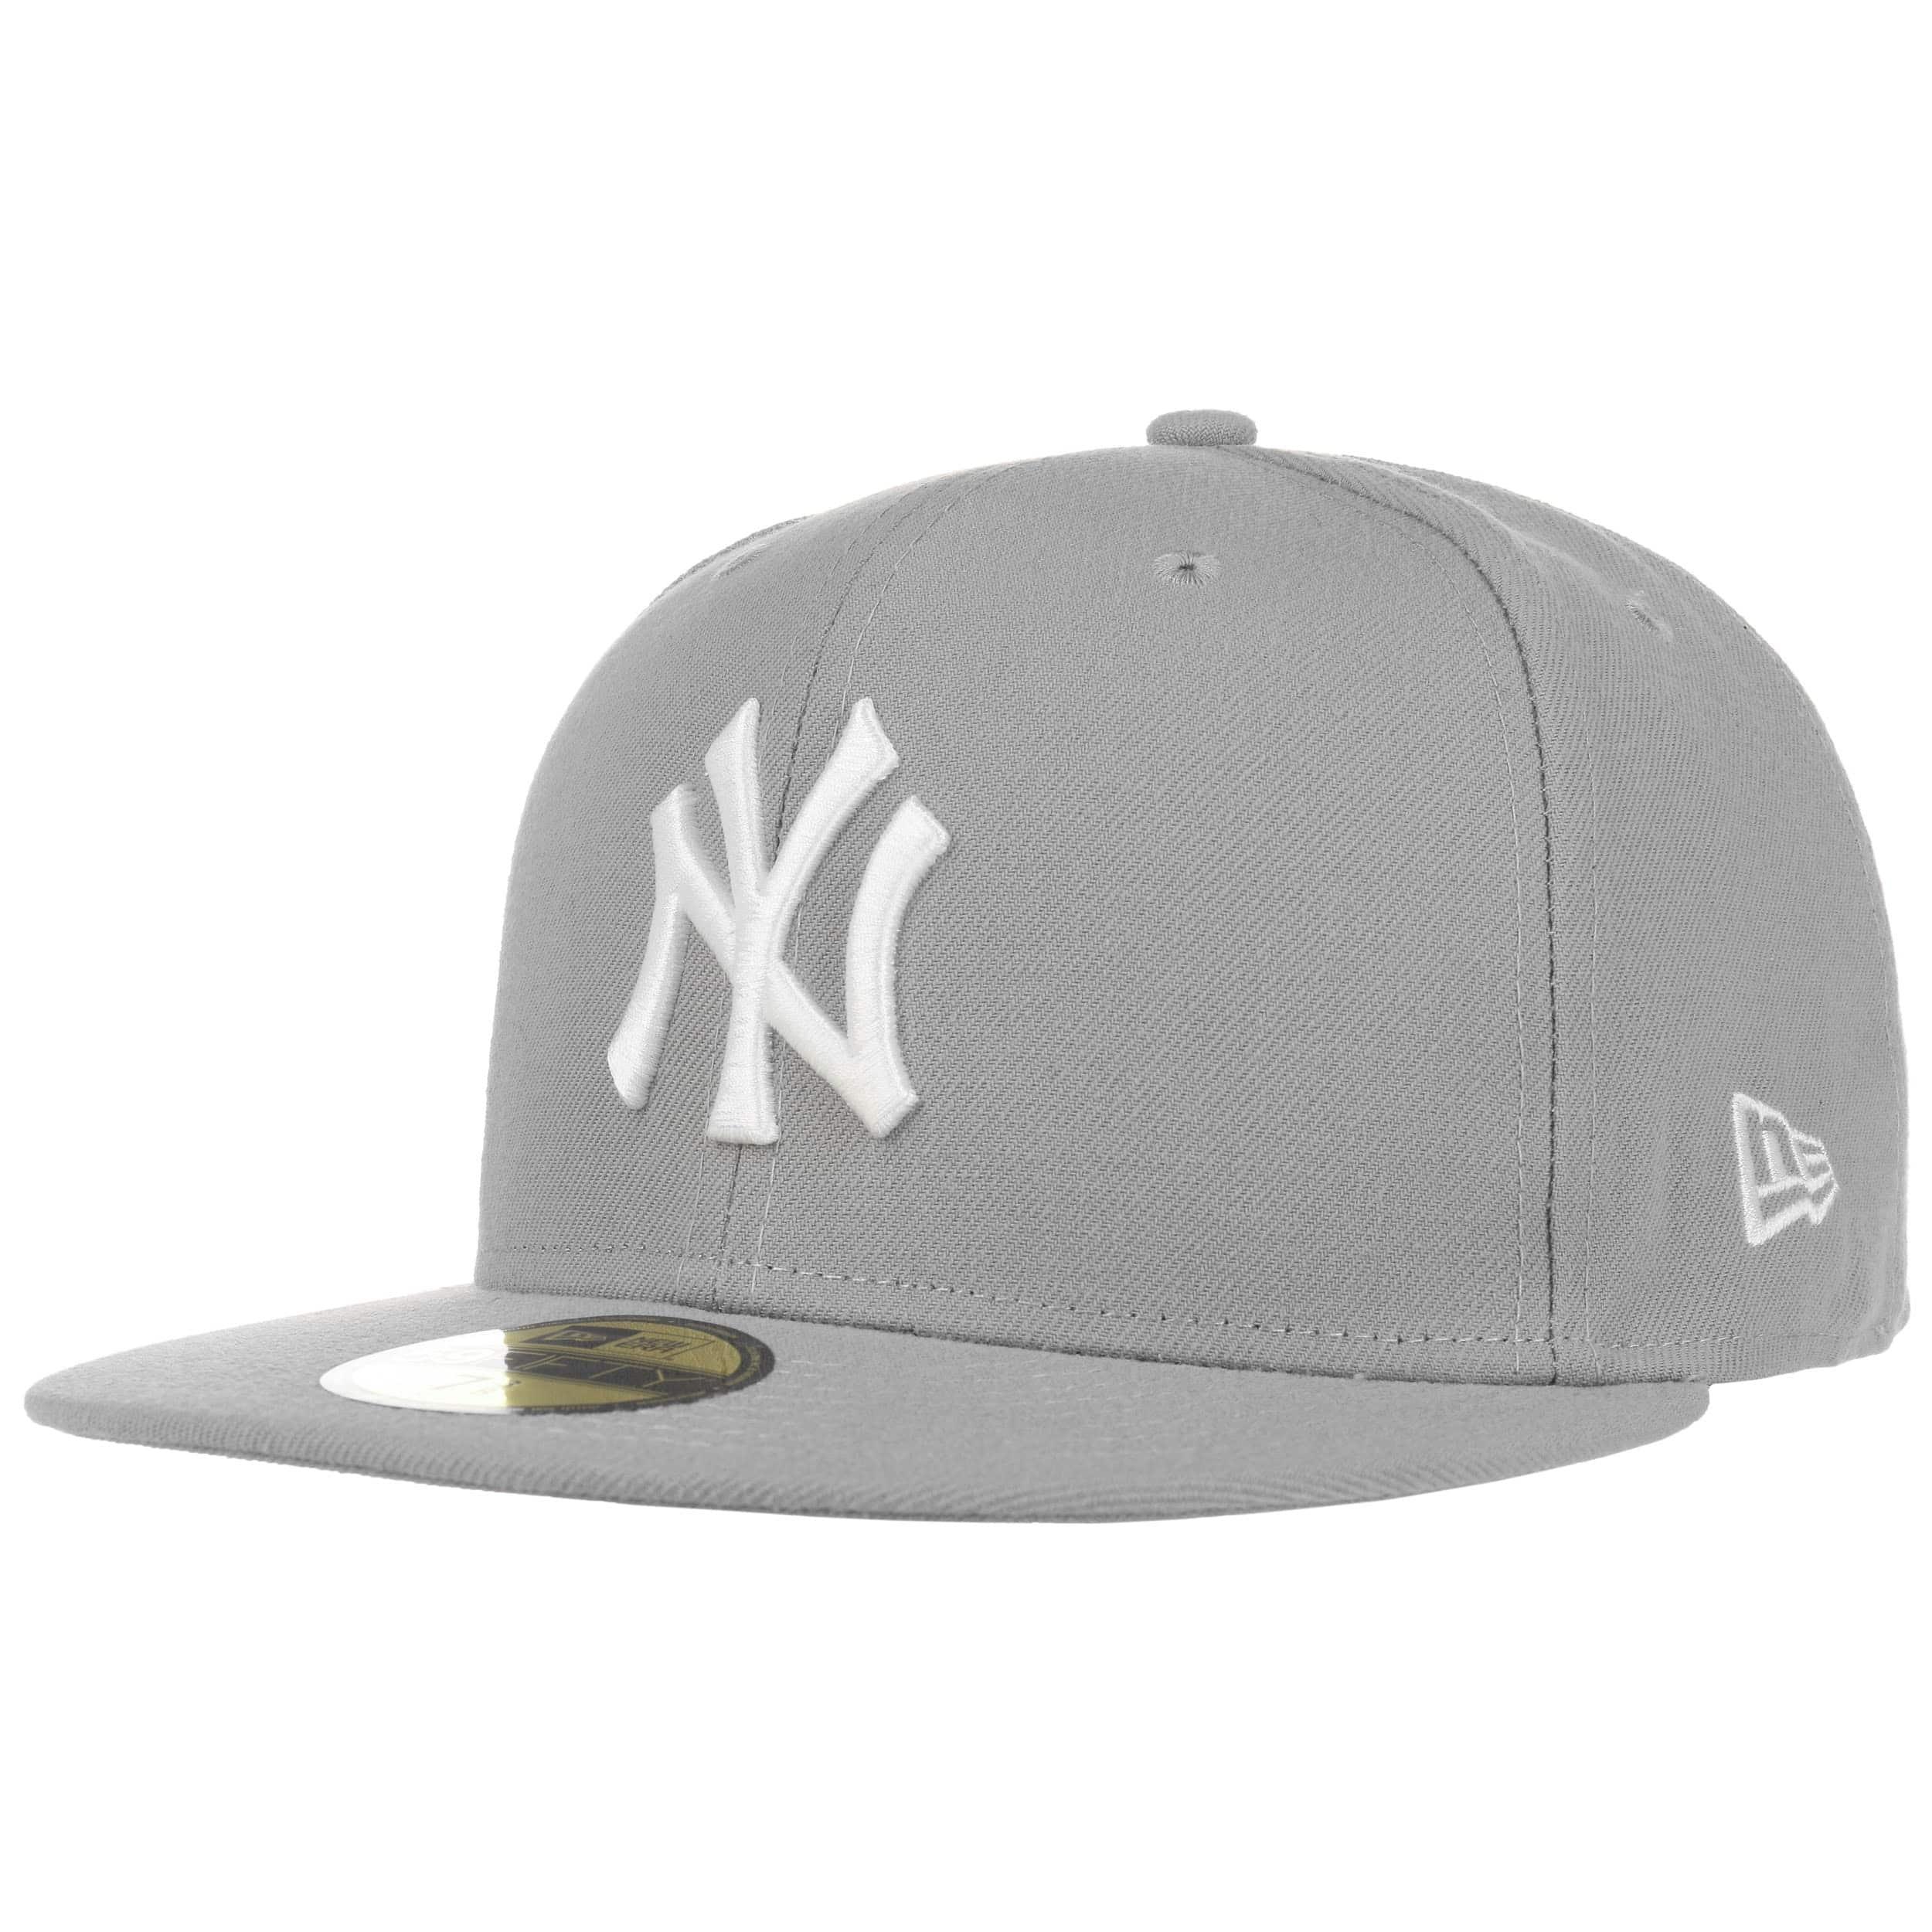 5f708e6207d 59Fifty MLB Basic NY Cap. by New Era